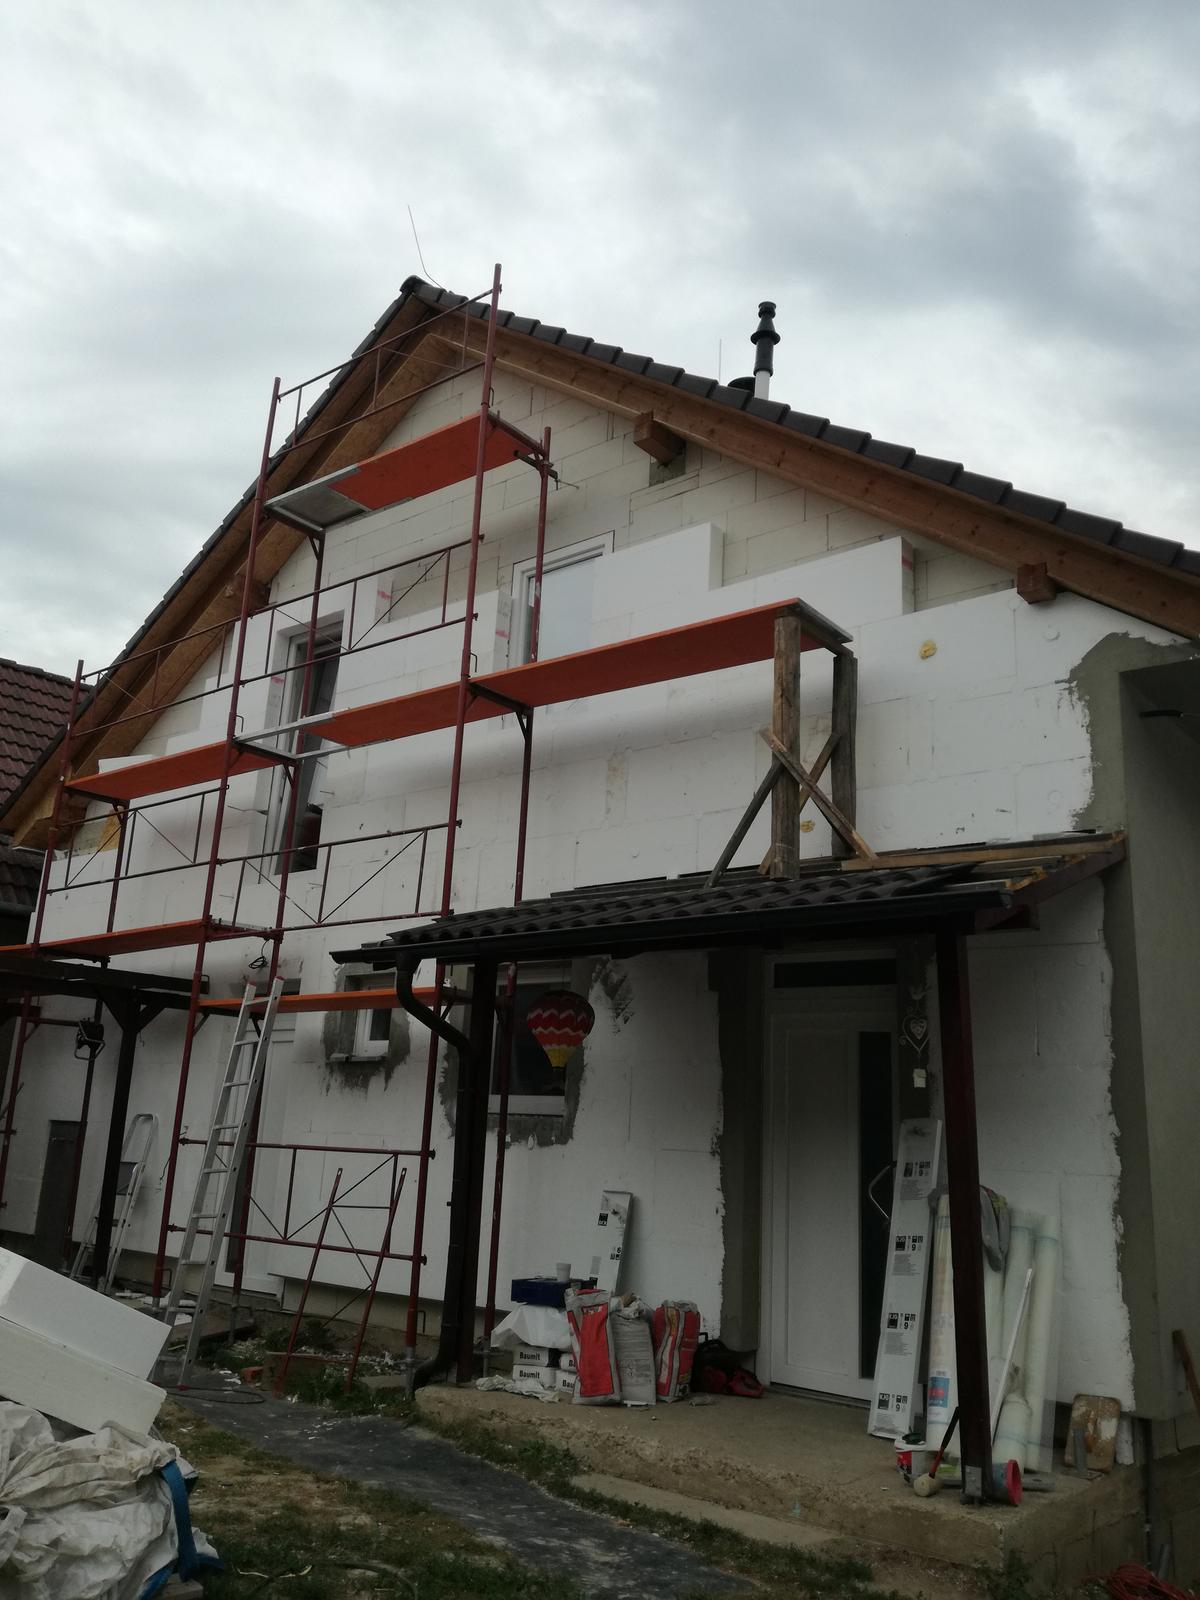 Dom rekonstrukcia - Obrázok č. 371